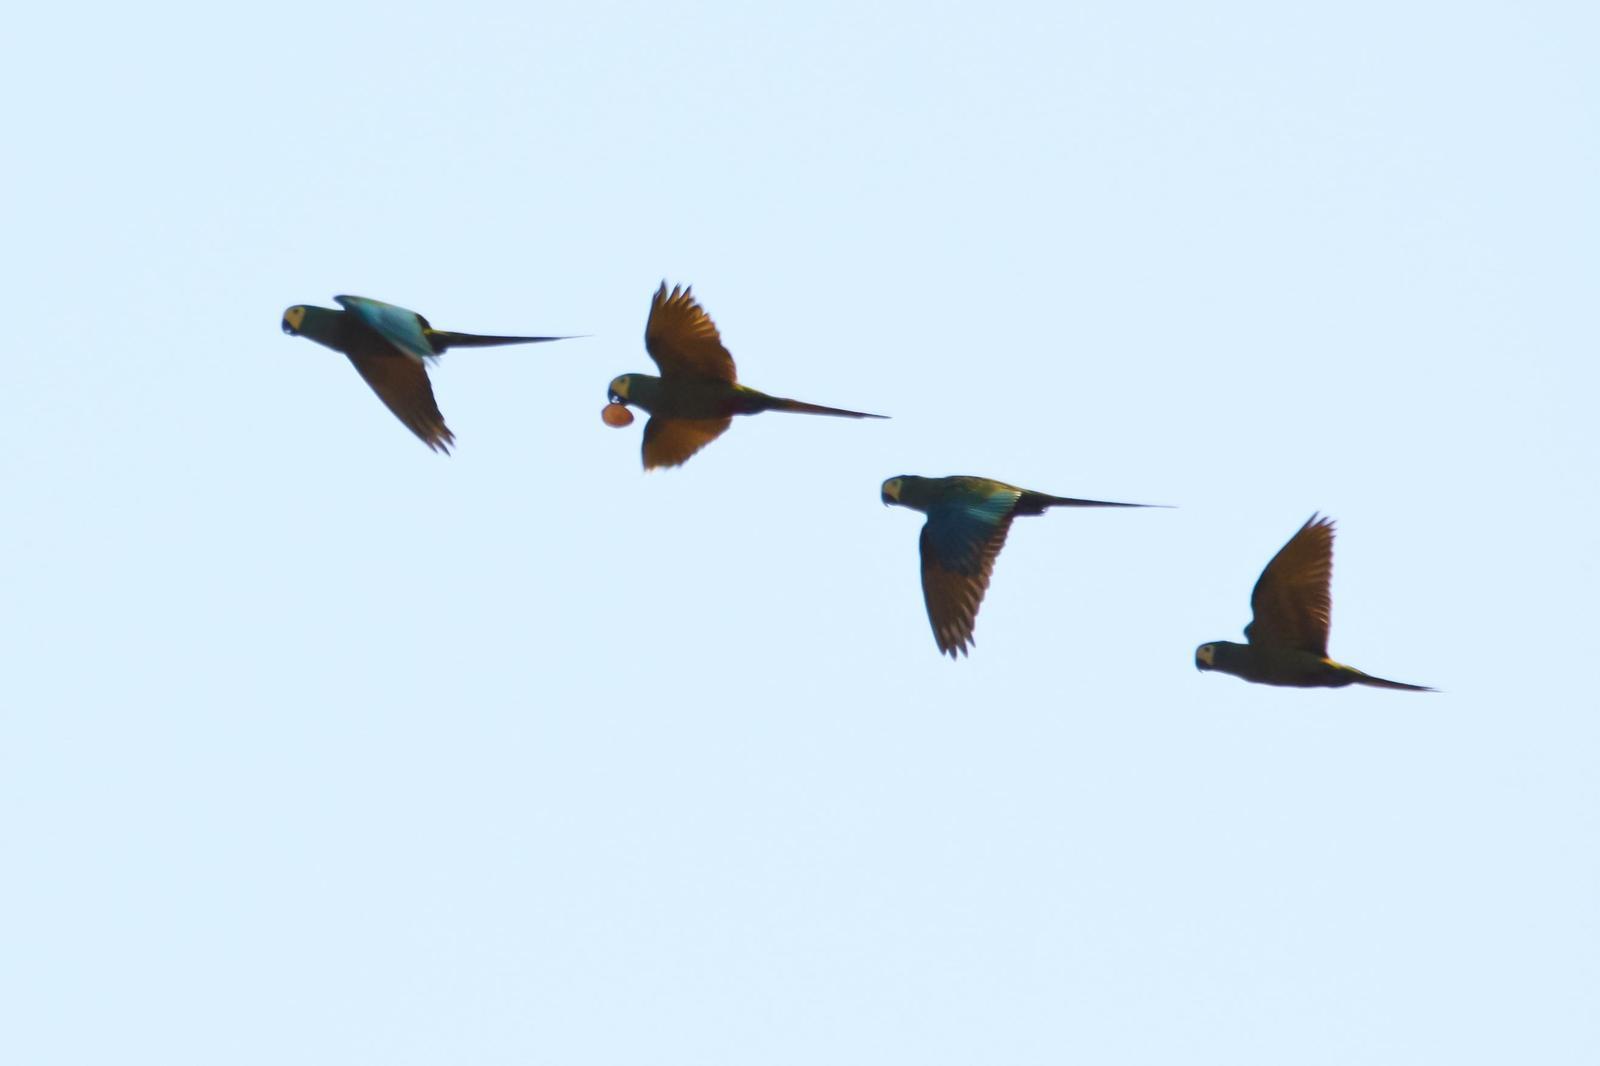 Red-bellied Macaw Photo by Zé Edu Camargo